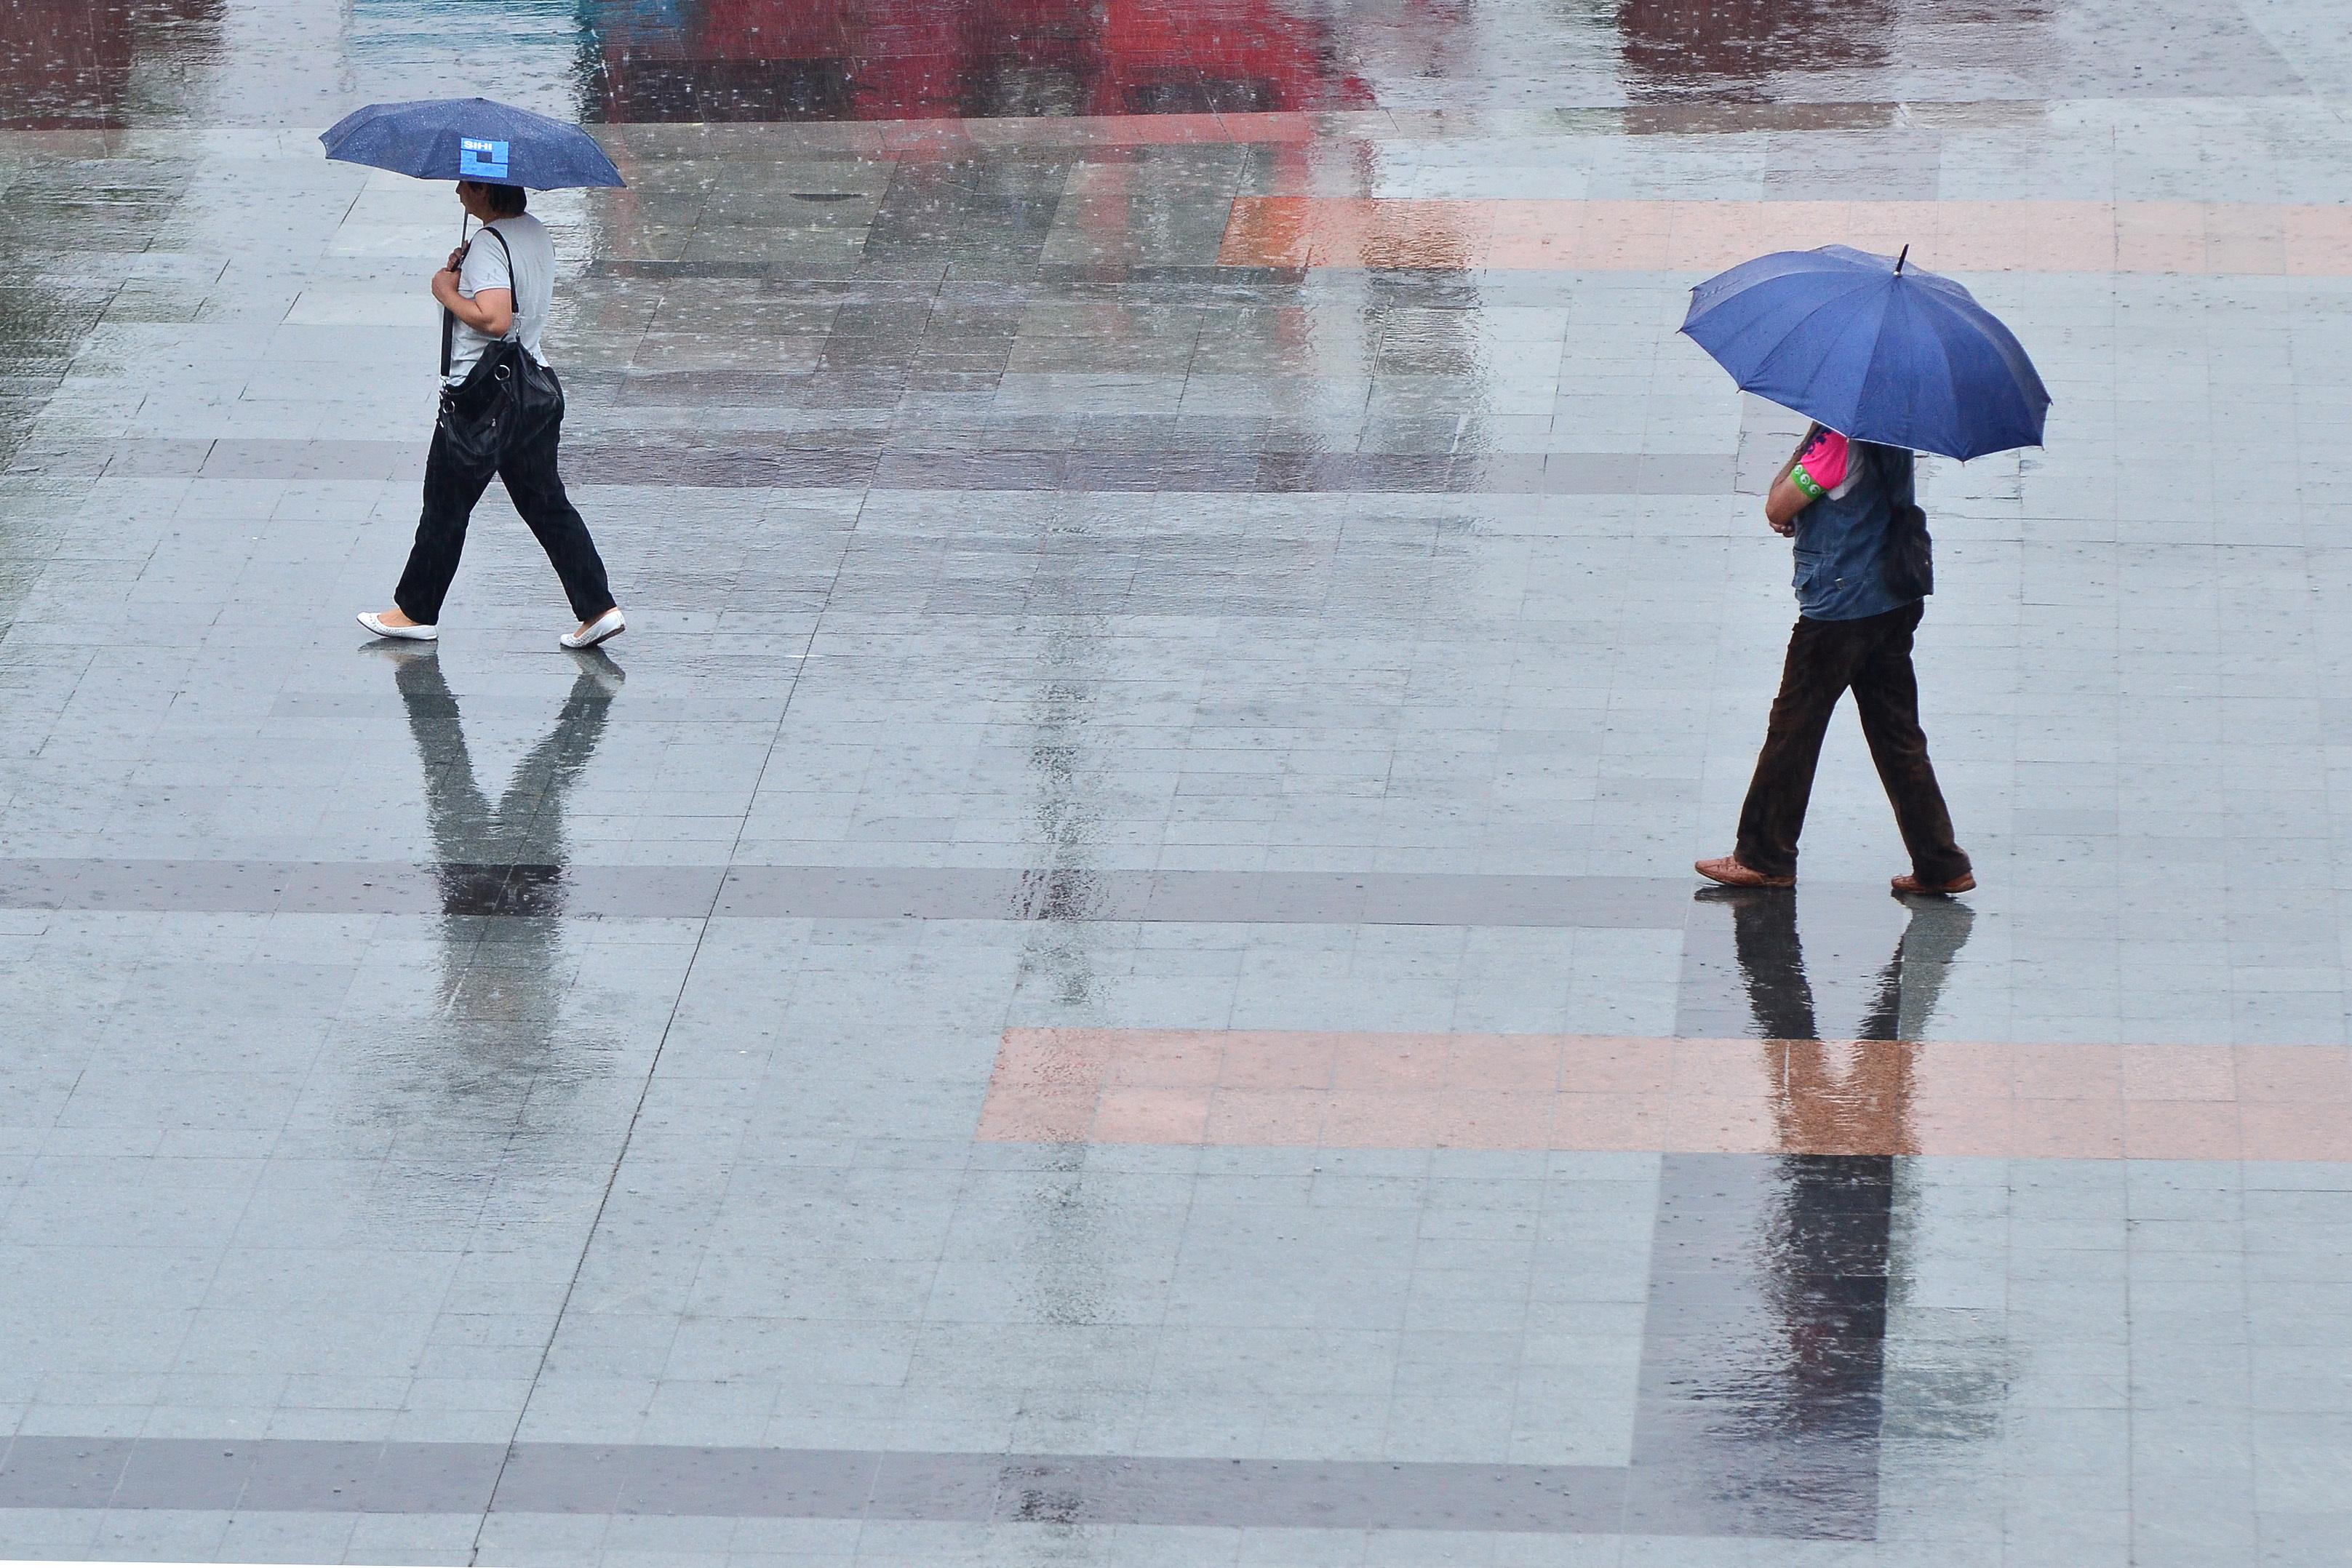 Temperaturile vor scădea în cea mai mare parte a ţării. PROGNOZA METEO pentru luni şi marţi